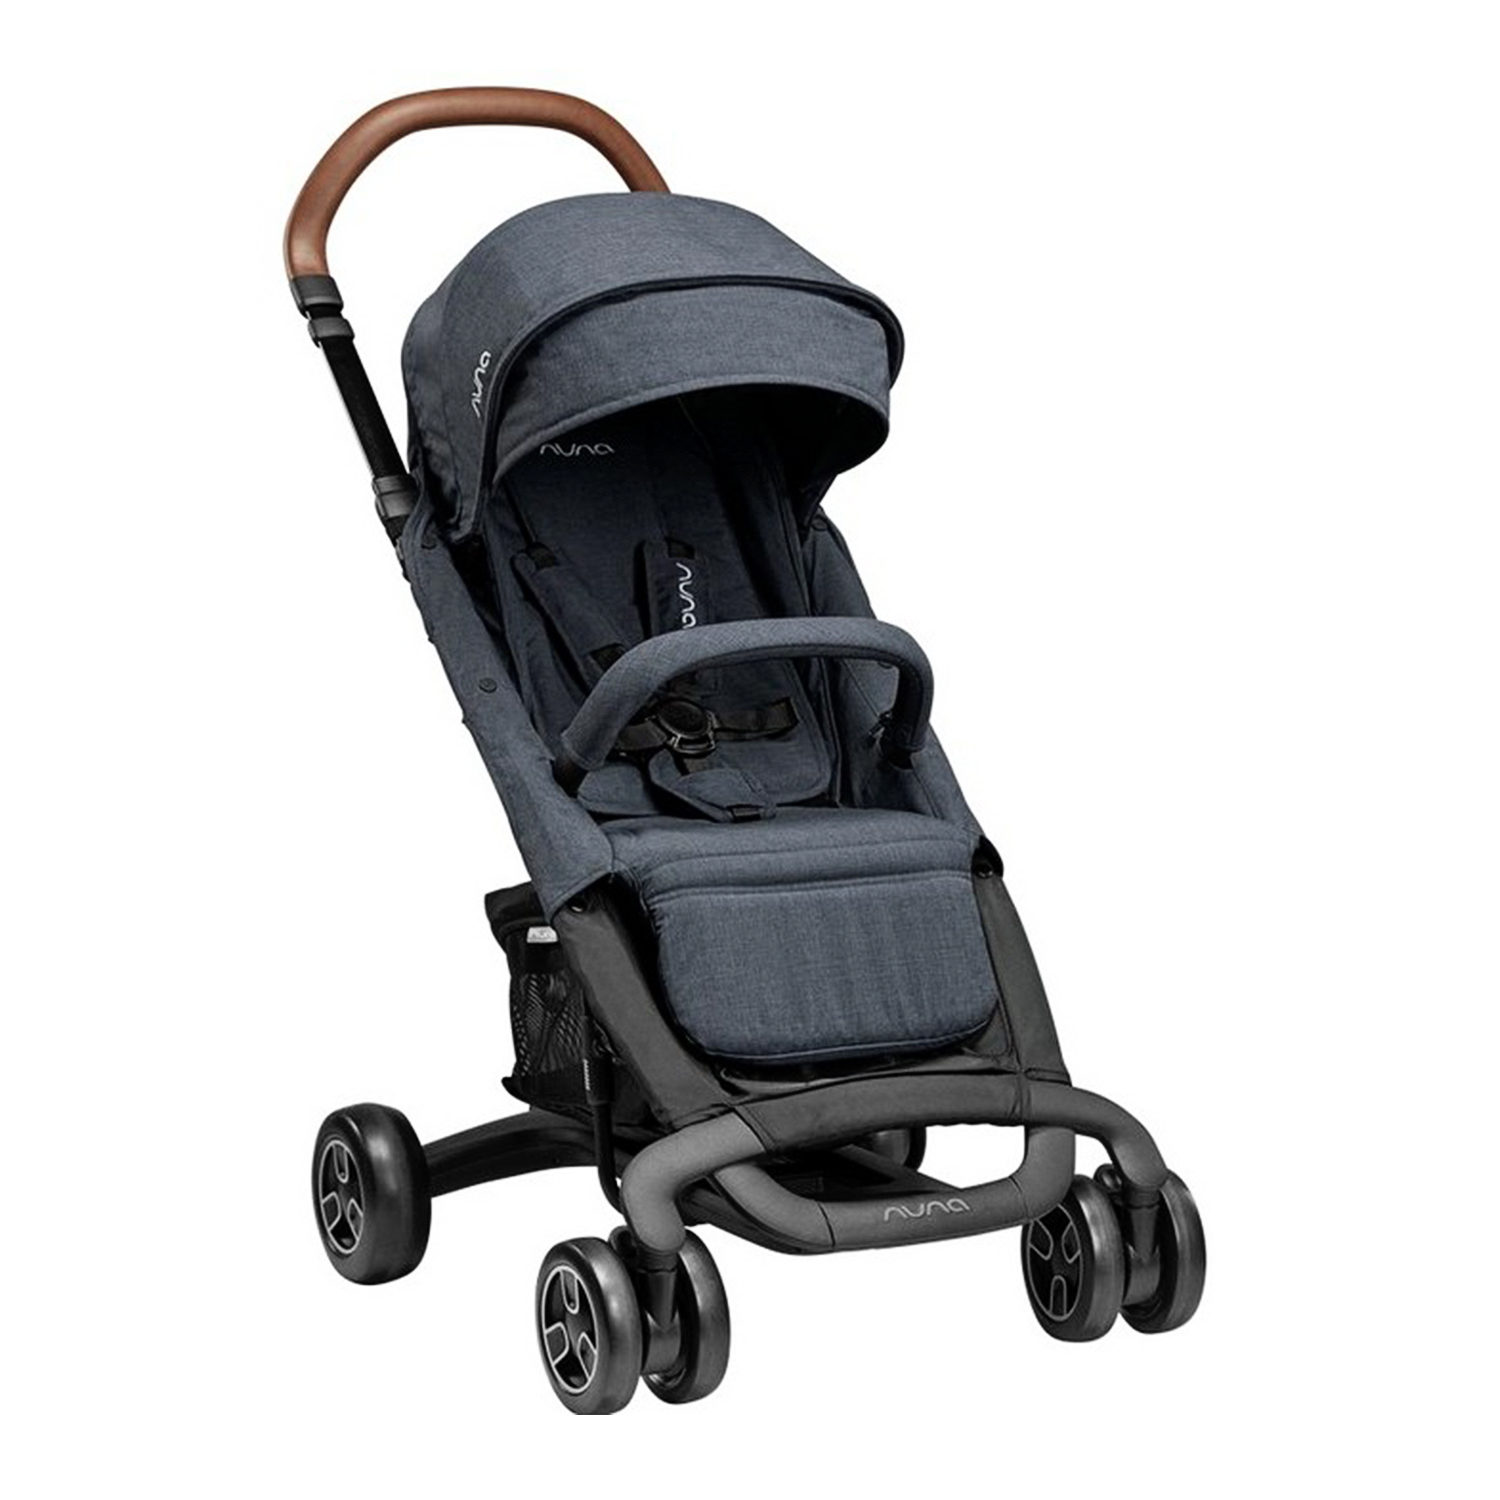 Купить Детская прогулочная коляска PEPP NEXT Lake Nuna, Нет цвета, металл, пластик, текстиль